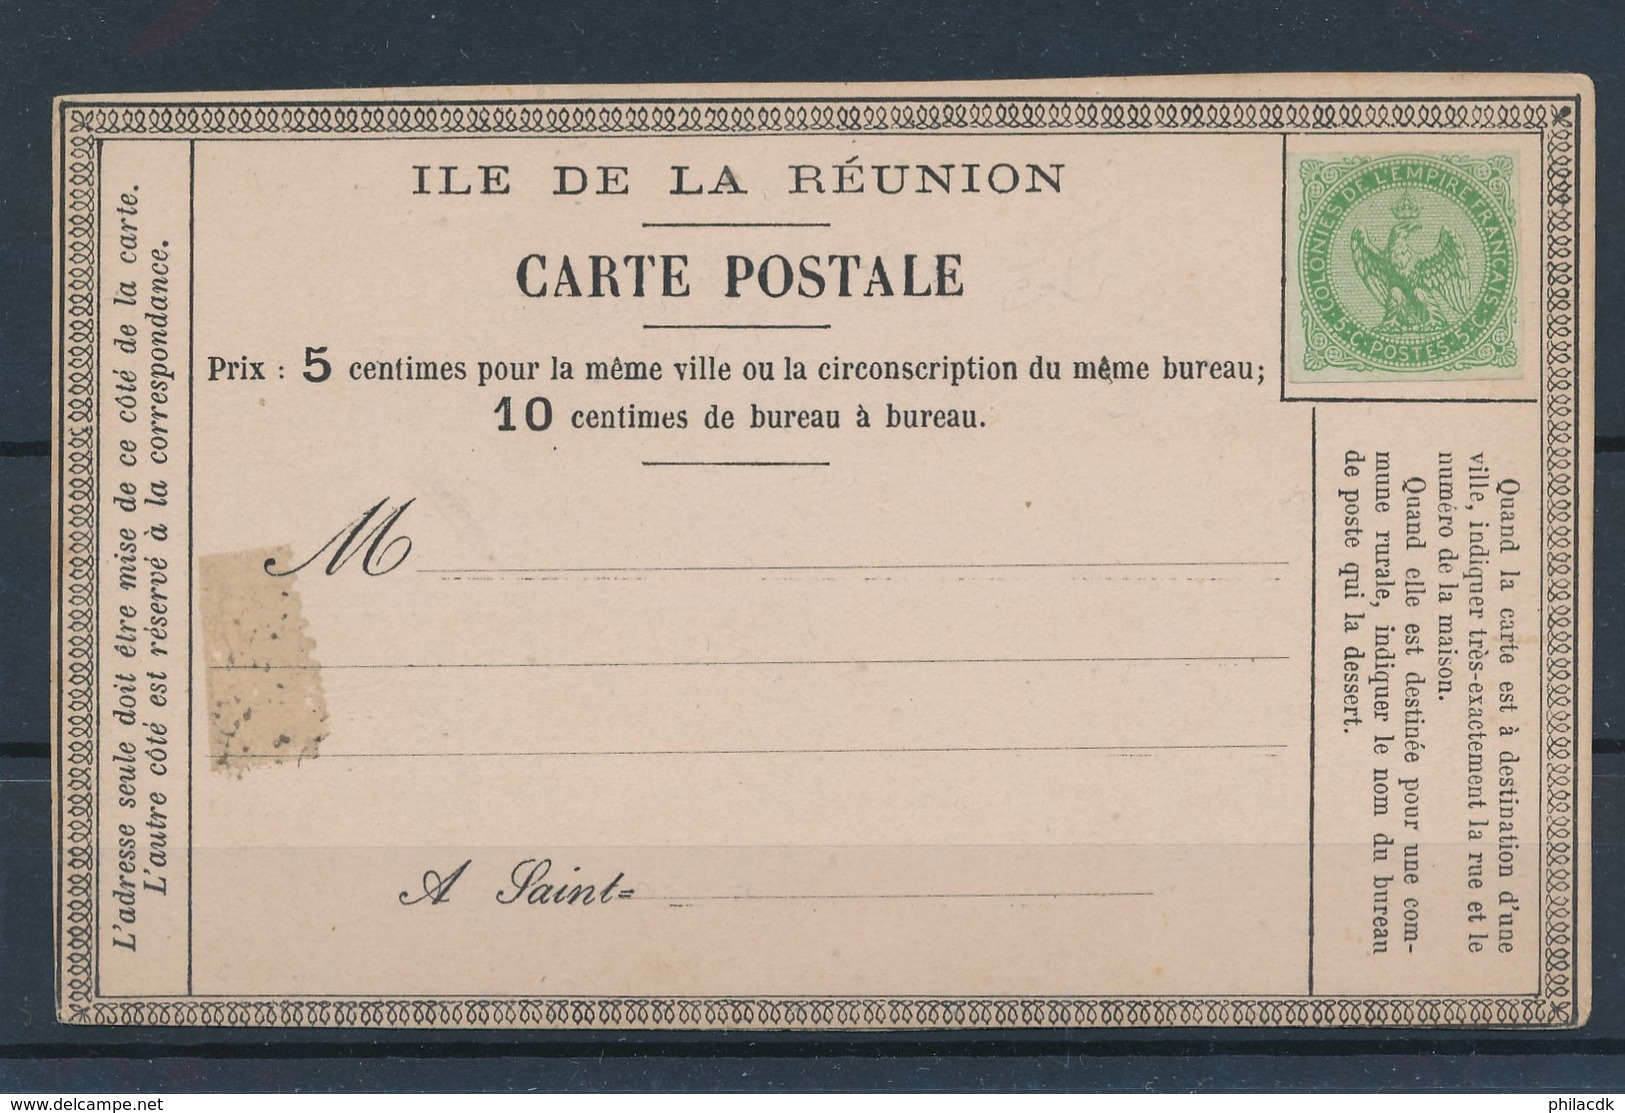 COLONIES GENERALES - N°YT 2 NEUF SUR CARTE POSTALE ILE DE LA REUNION - 1859/65 - Eagle And Crown